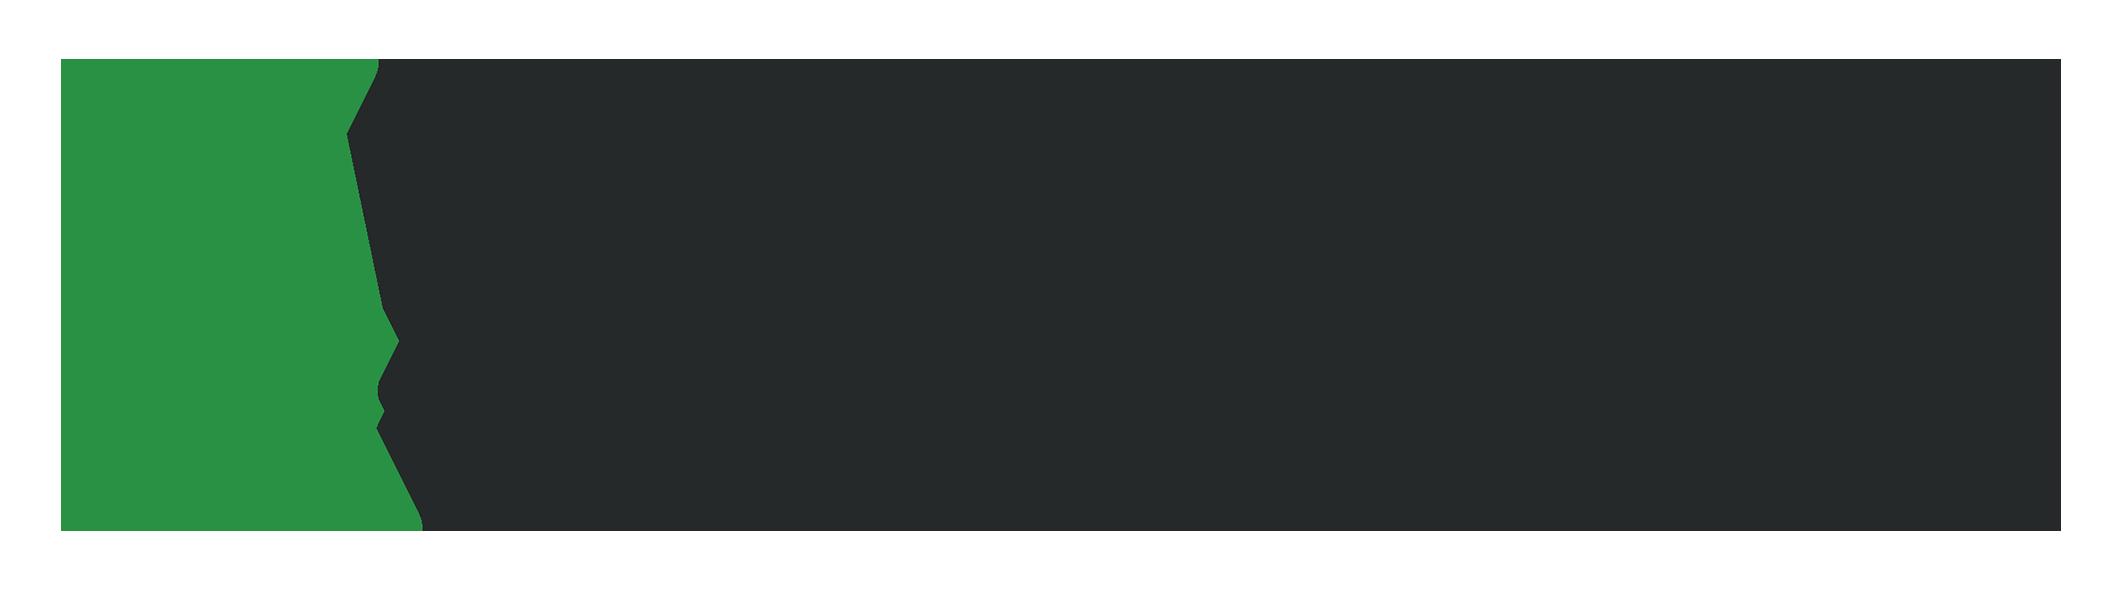 Van Lanschot Bank